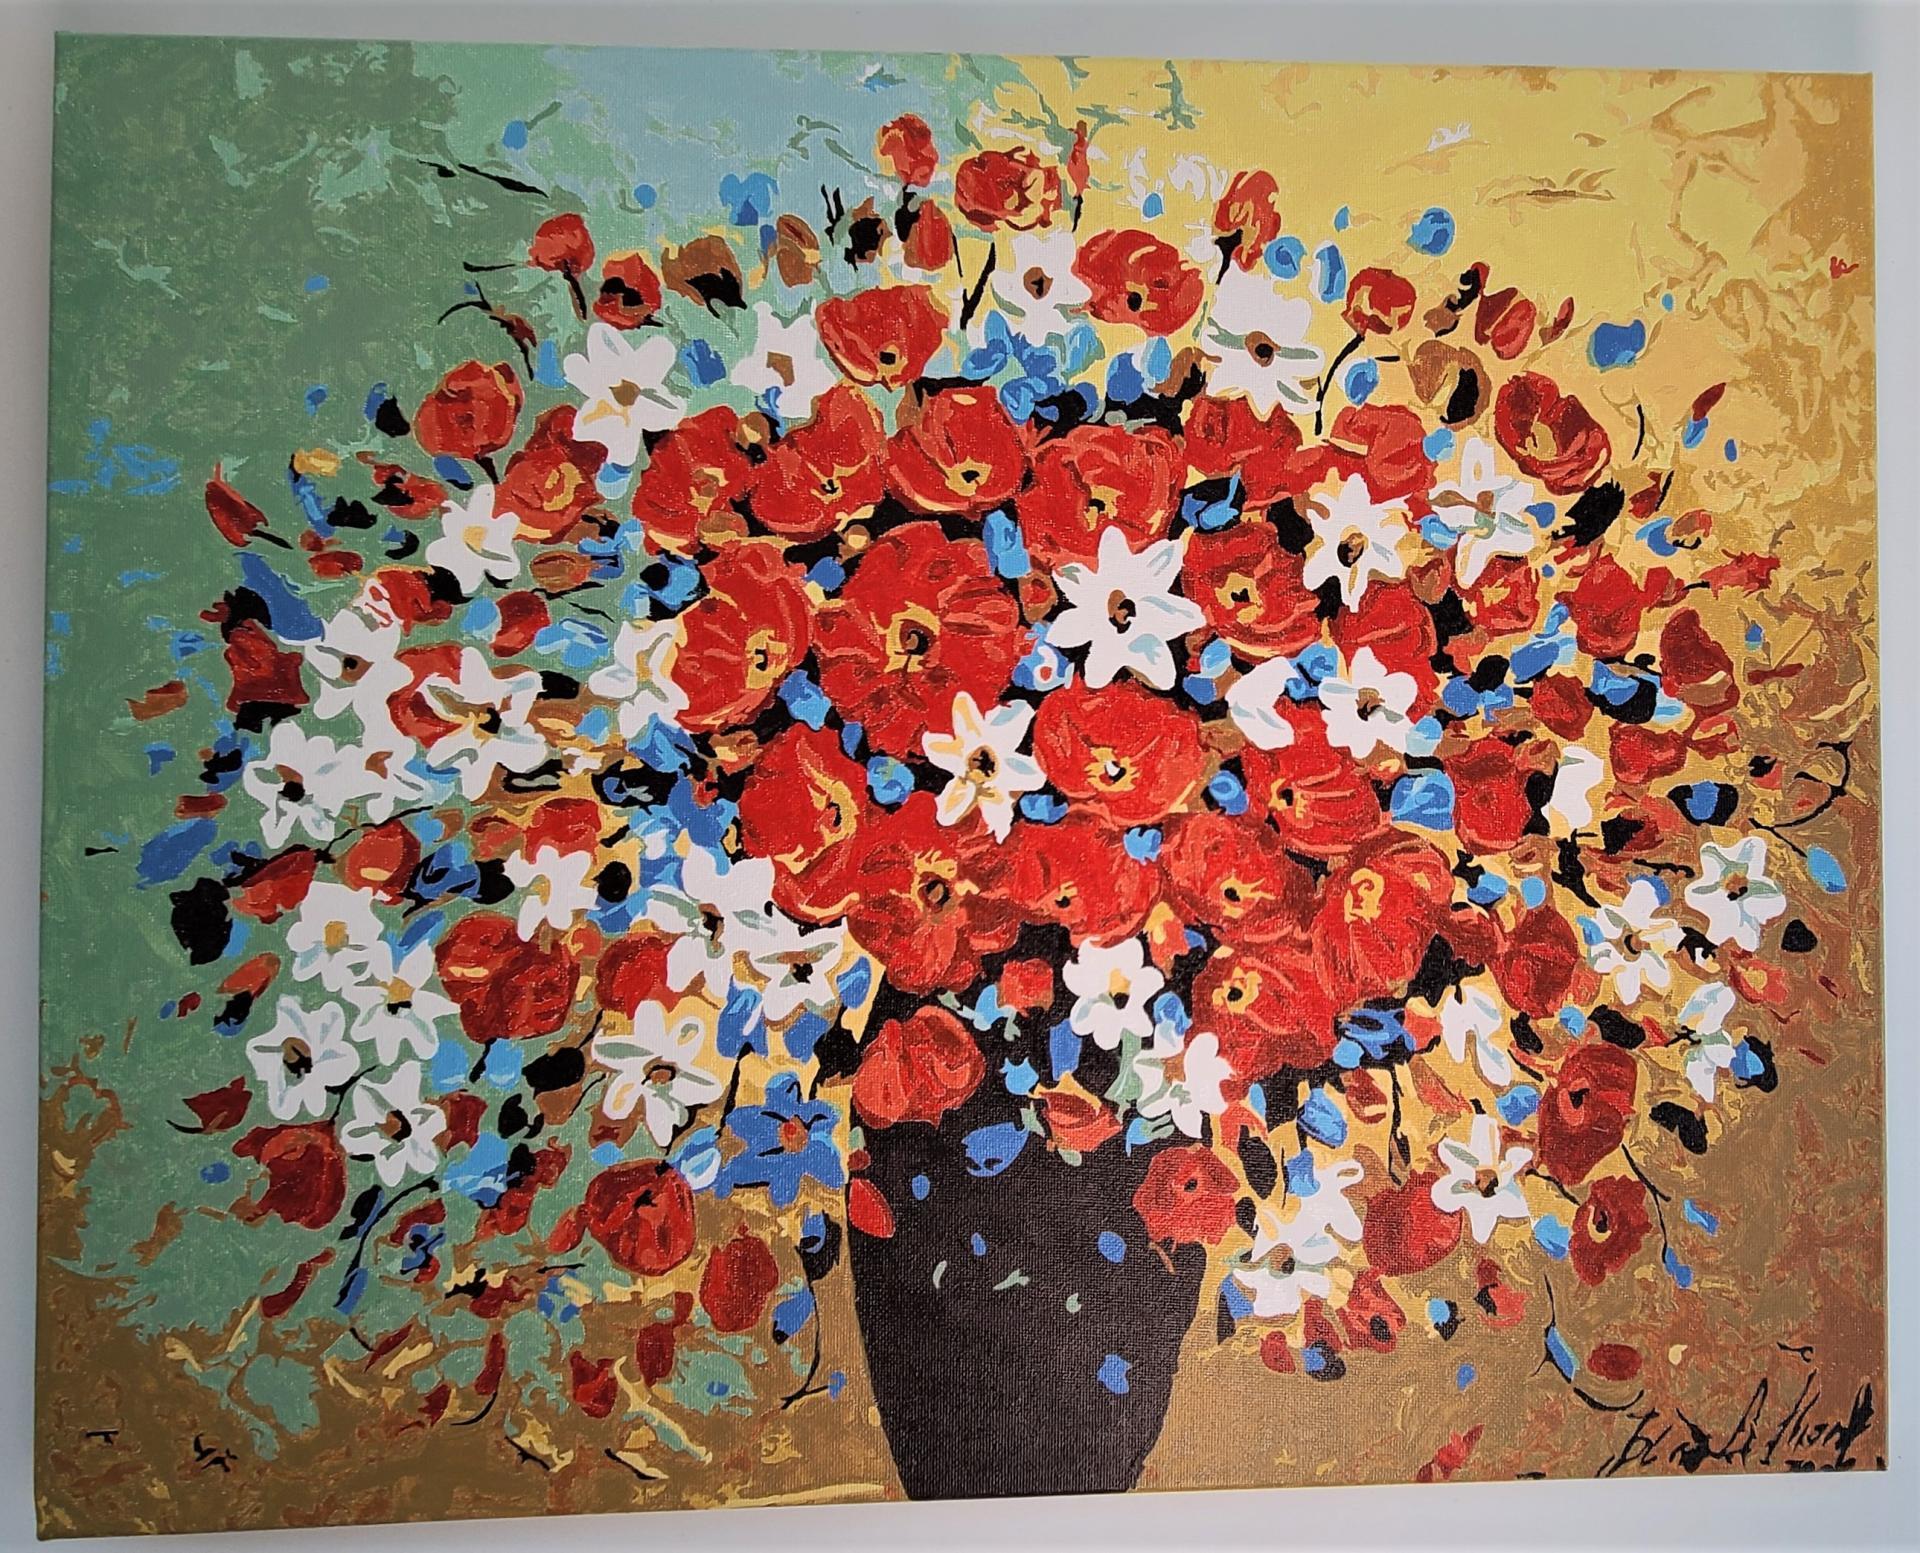 작품명 - 꽃 한 묶음에 소망